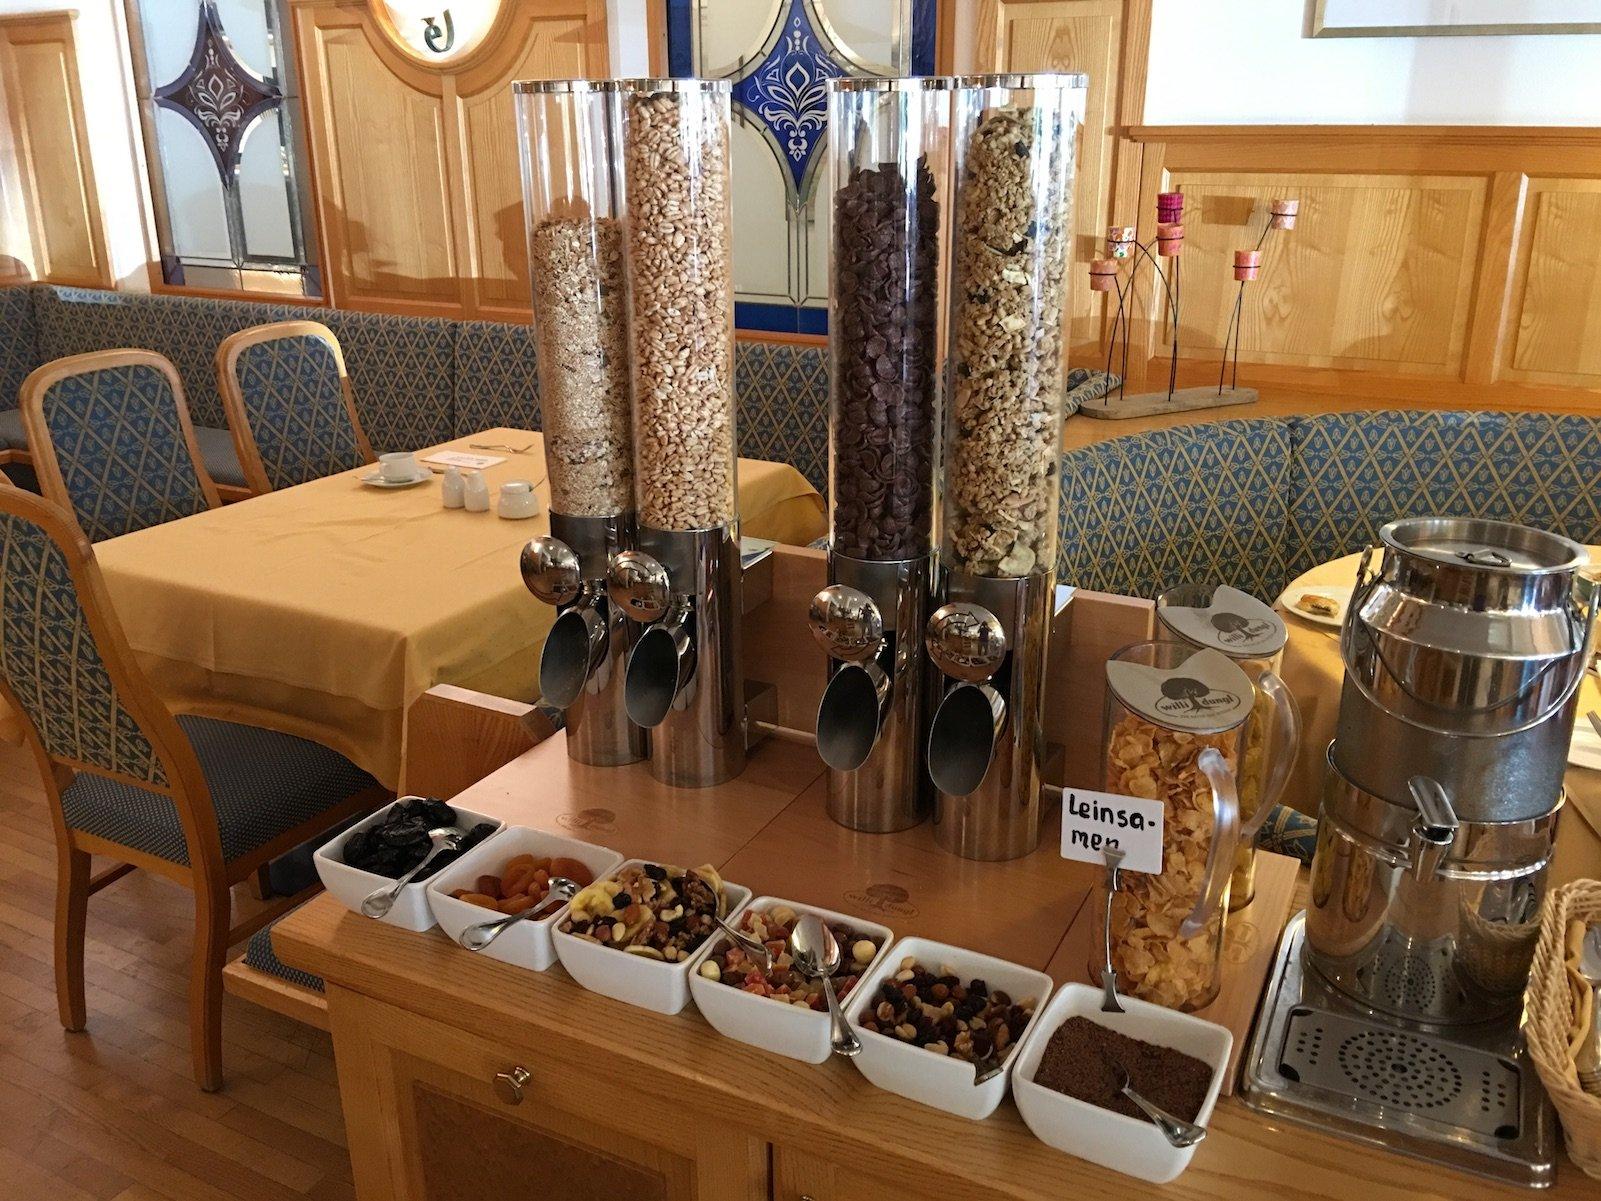 Müsli und Trockenobst zum Frühstück im Hotel zum Mohren in Reutte